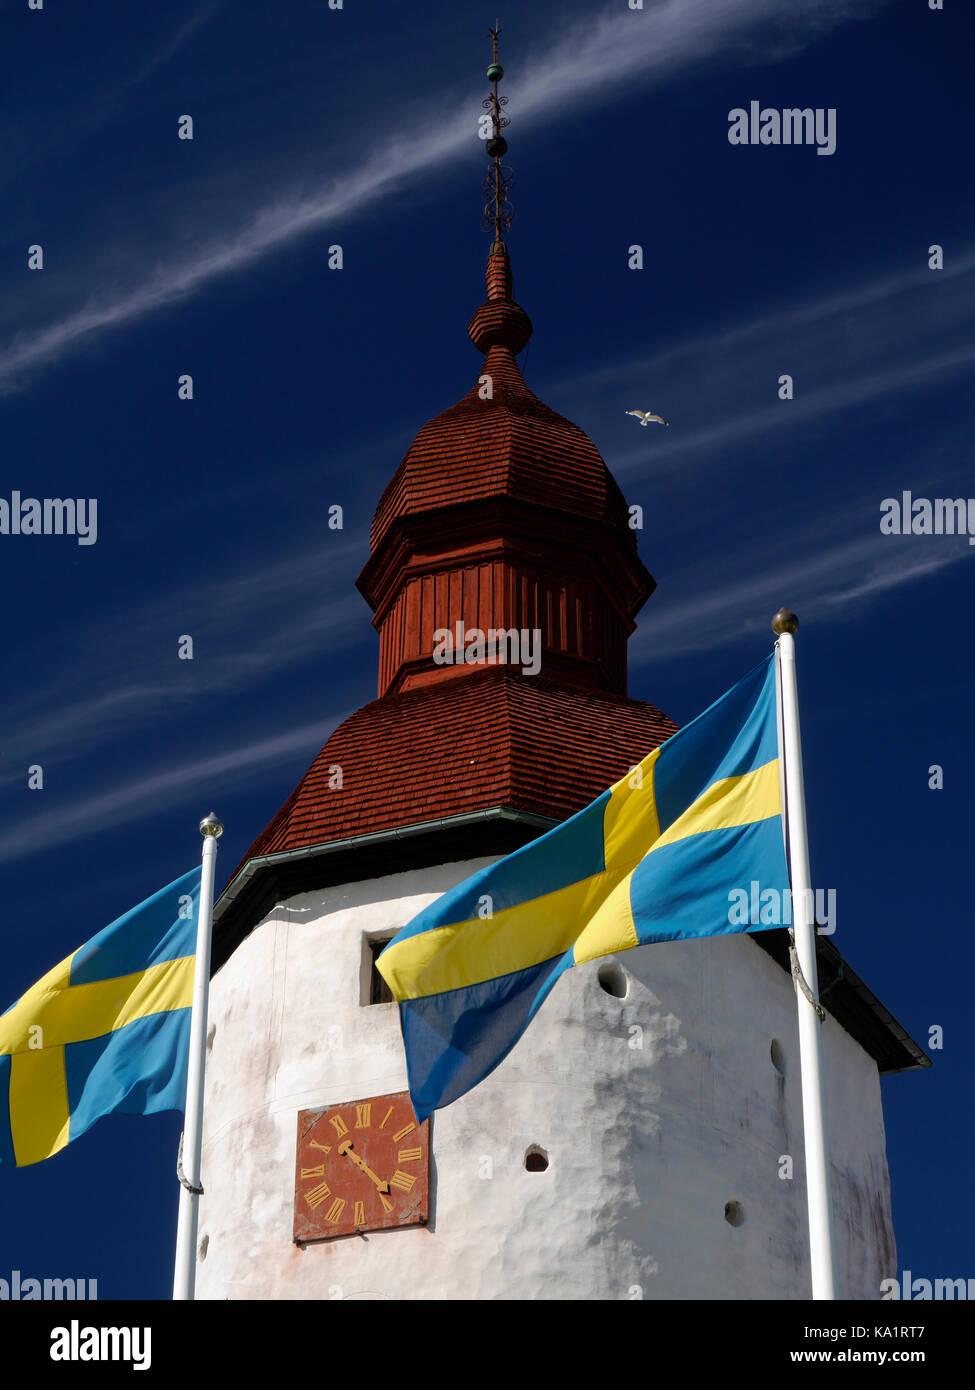 El castillo läckö, fuera de lidköping, Suecia. Imagen De Stock